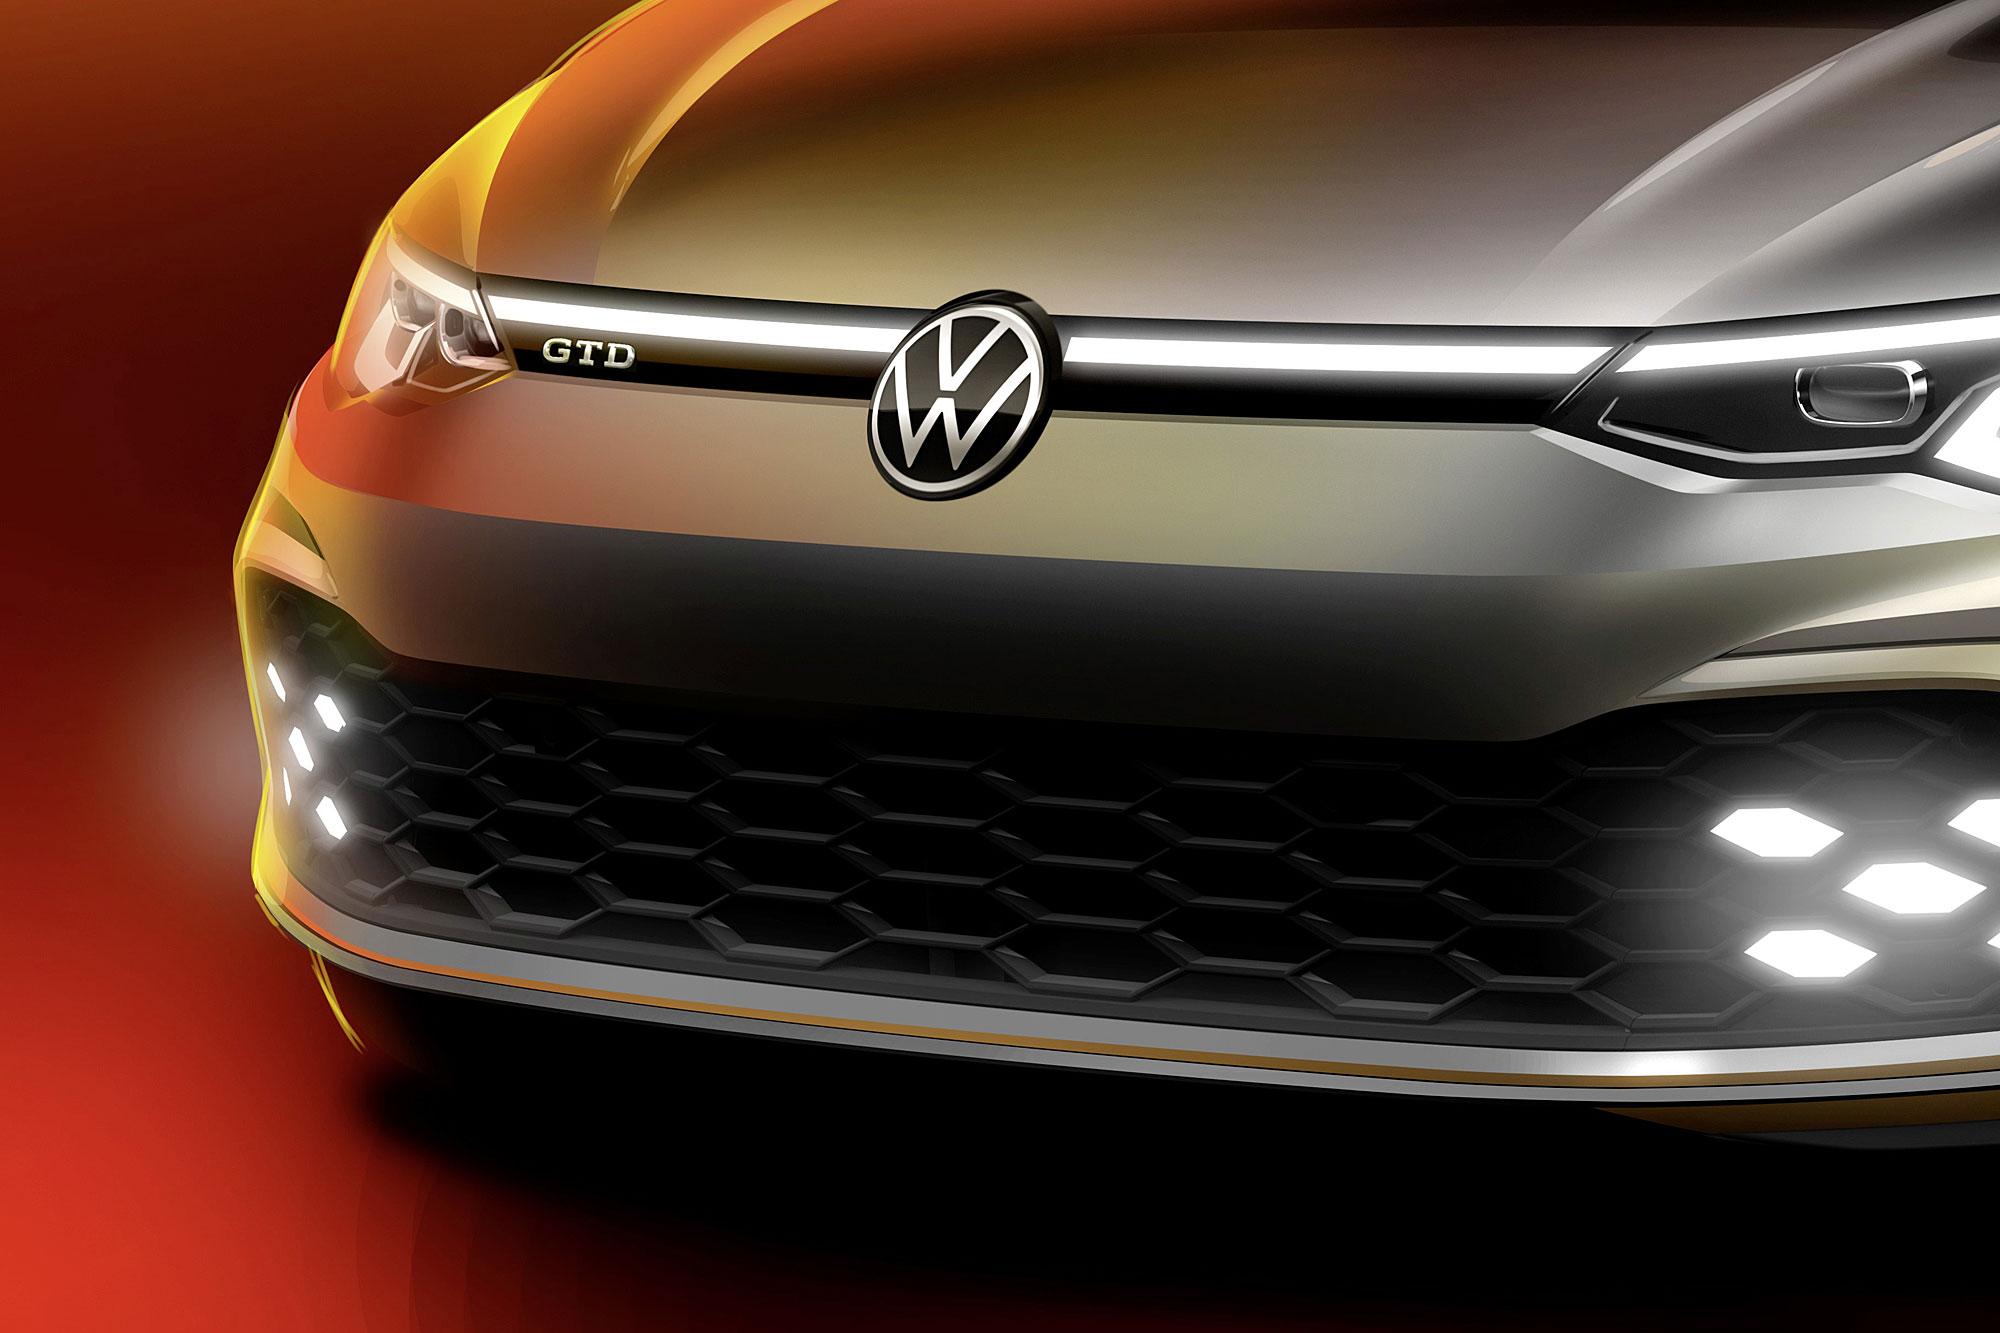 新一代 Volkswagen Golf GTD 預計日內瓦車展發表現身。